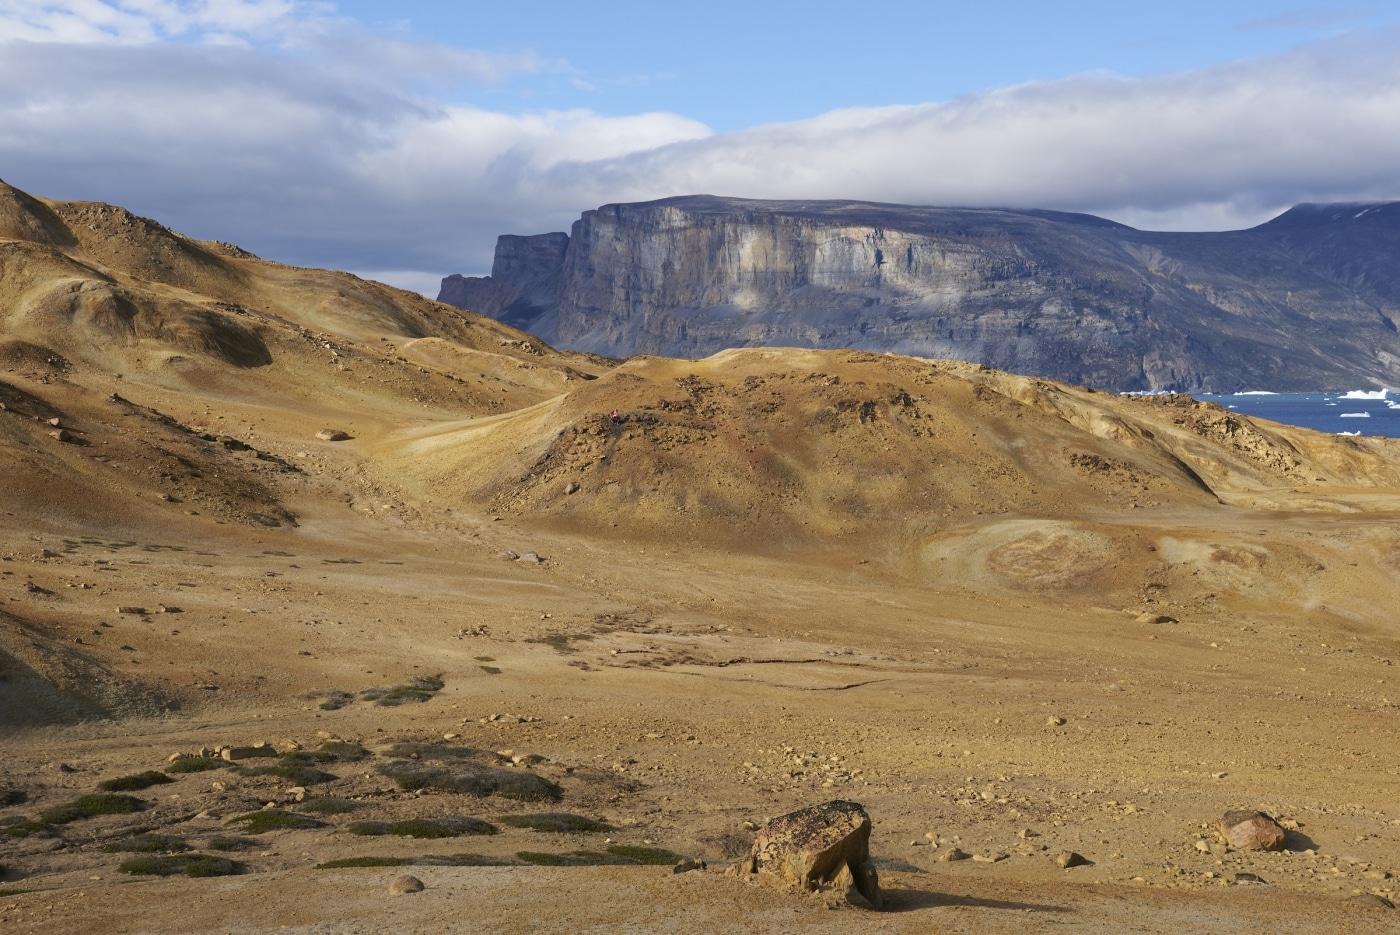 Metamorphic rocks on the island of Salliaruseq (Storøen), locally known as _the desert_, near Uummannaq, central west Greenland. Photo by Vagn Hansen